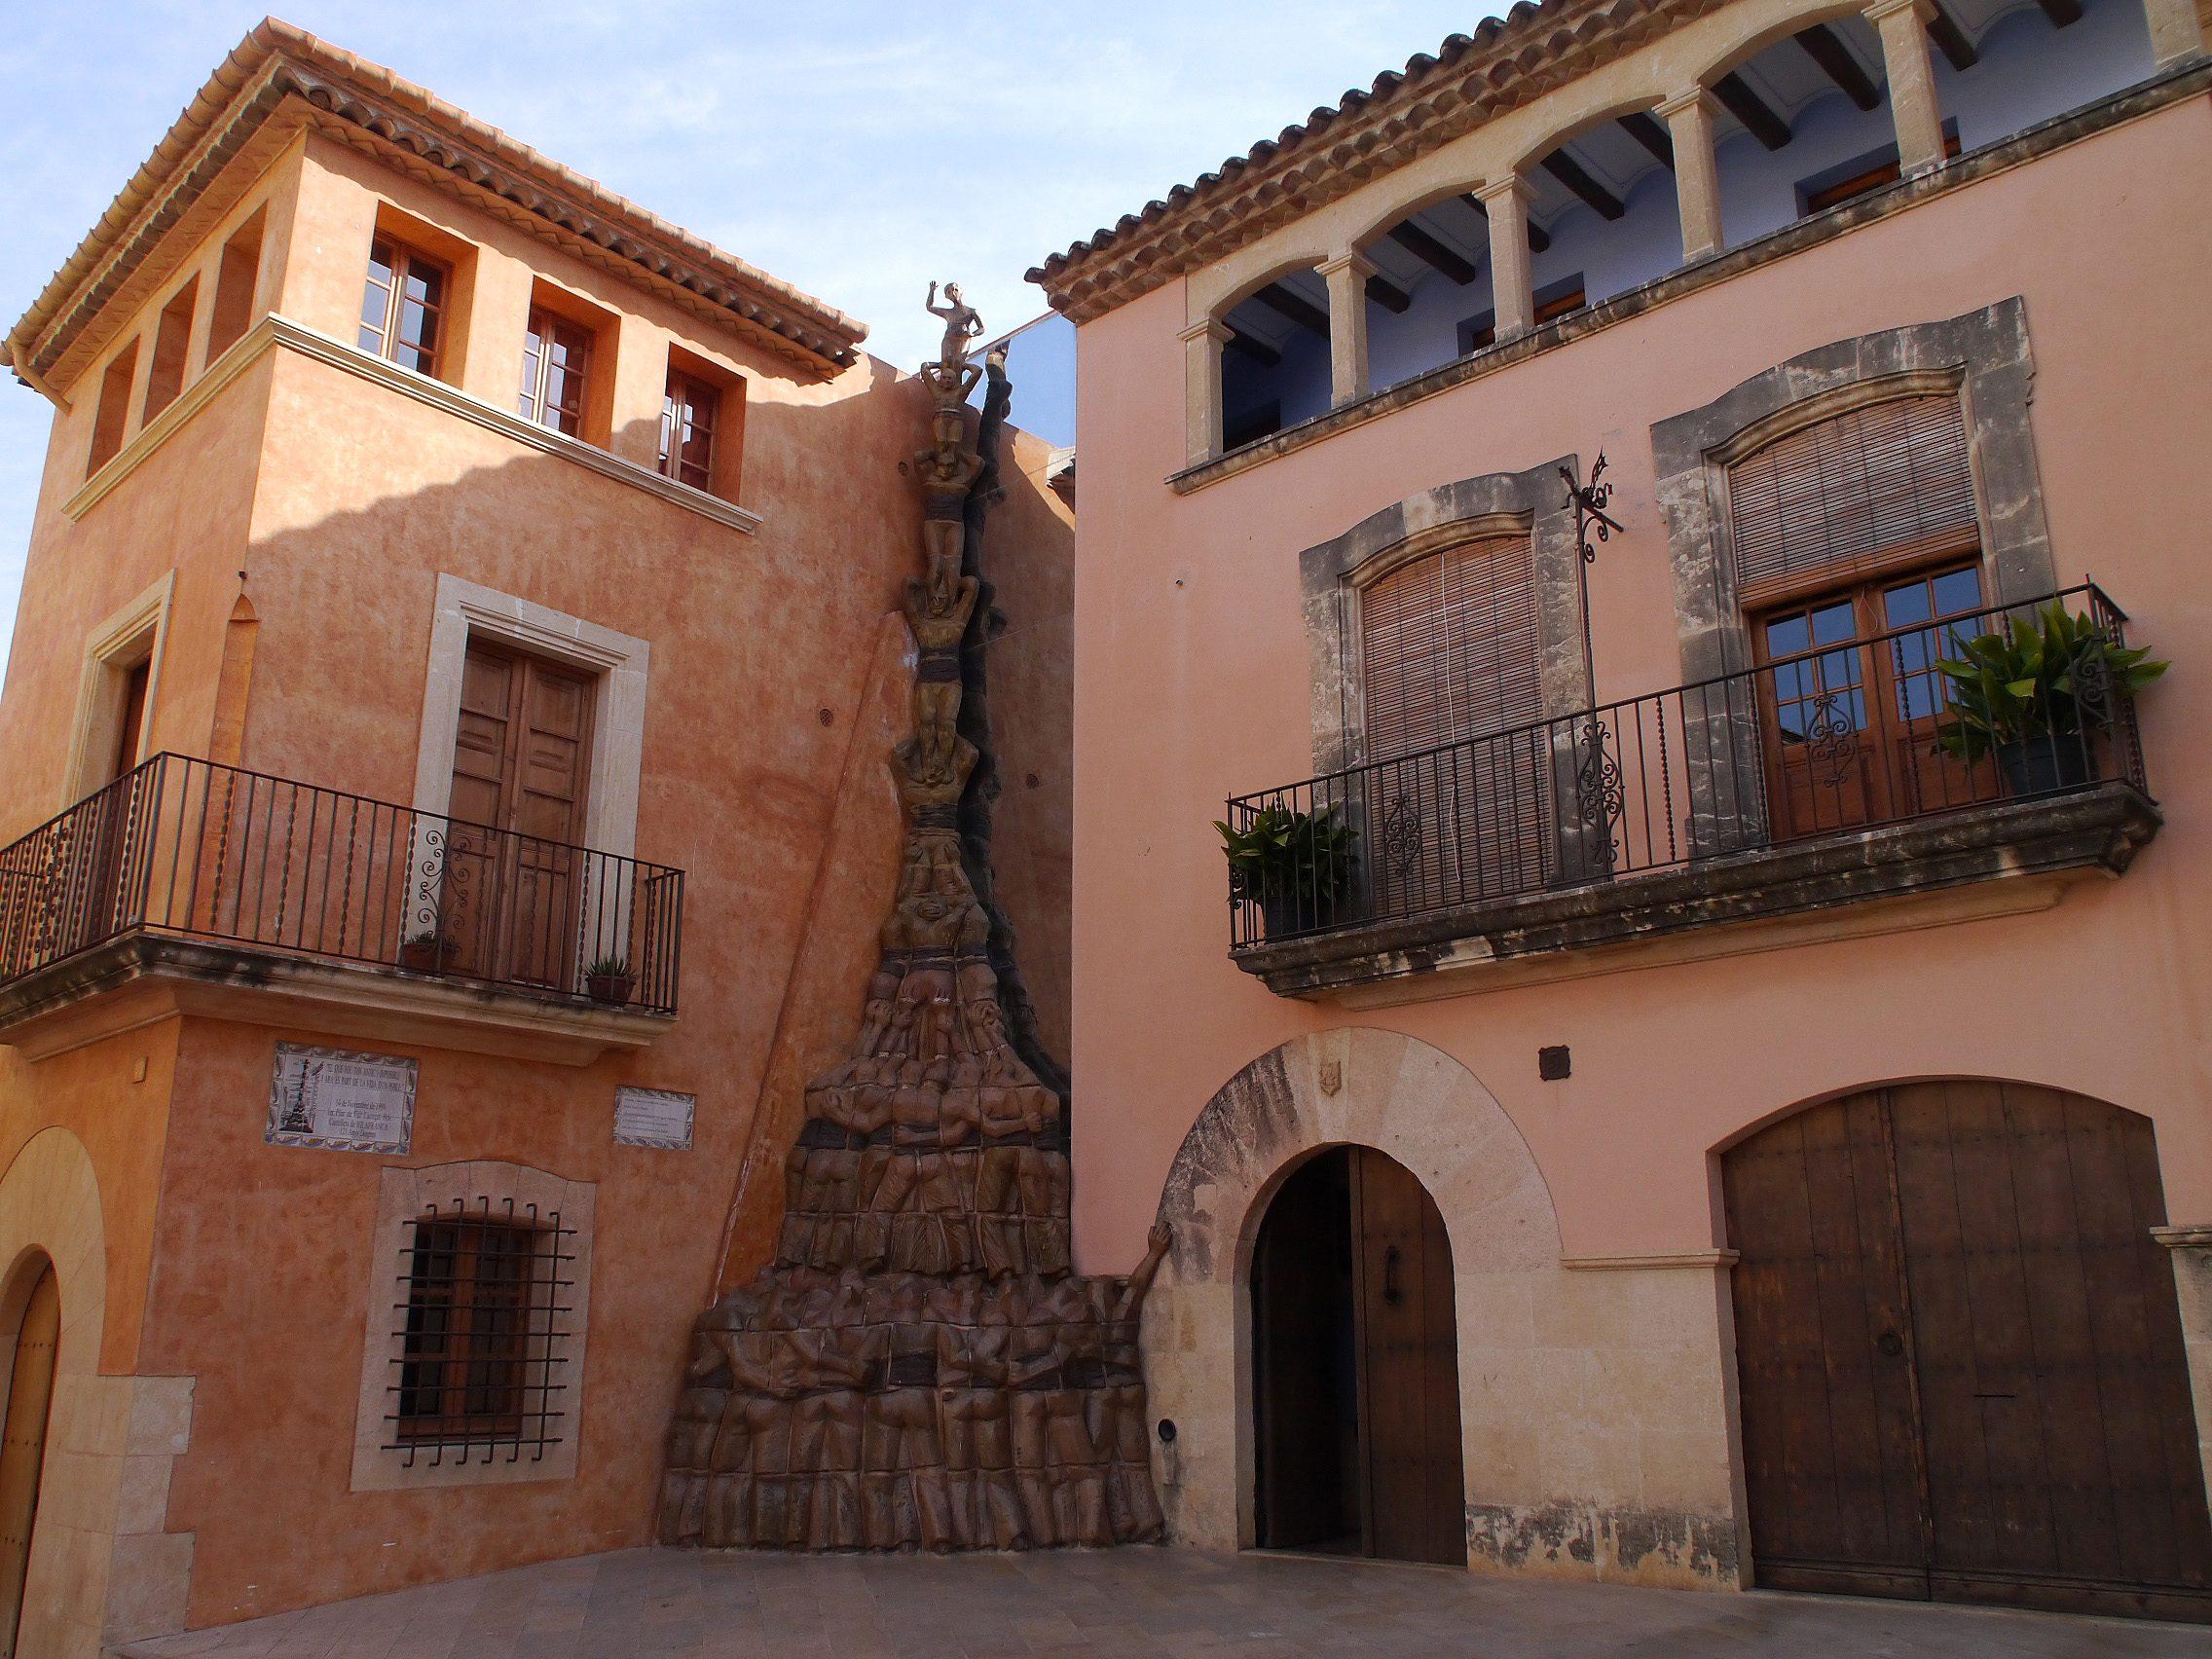 Reisebericht Katalonien_2015_02-Altafulla